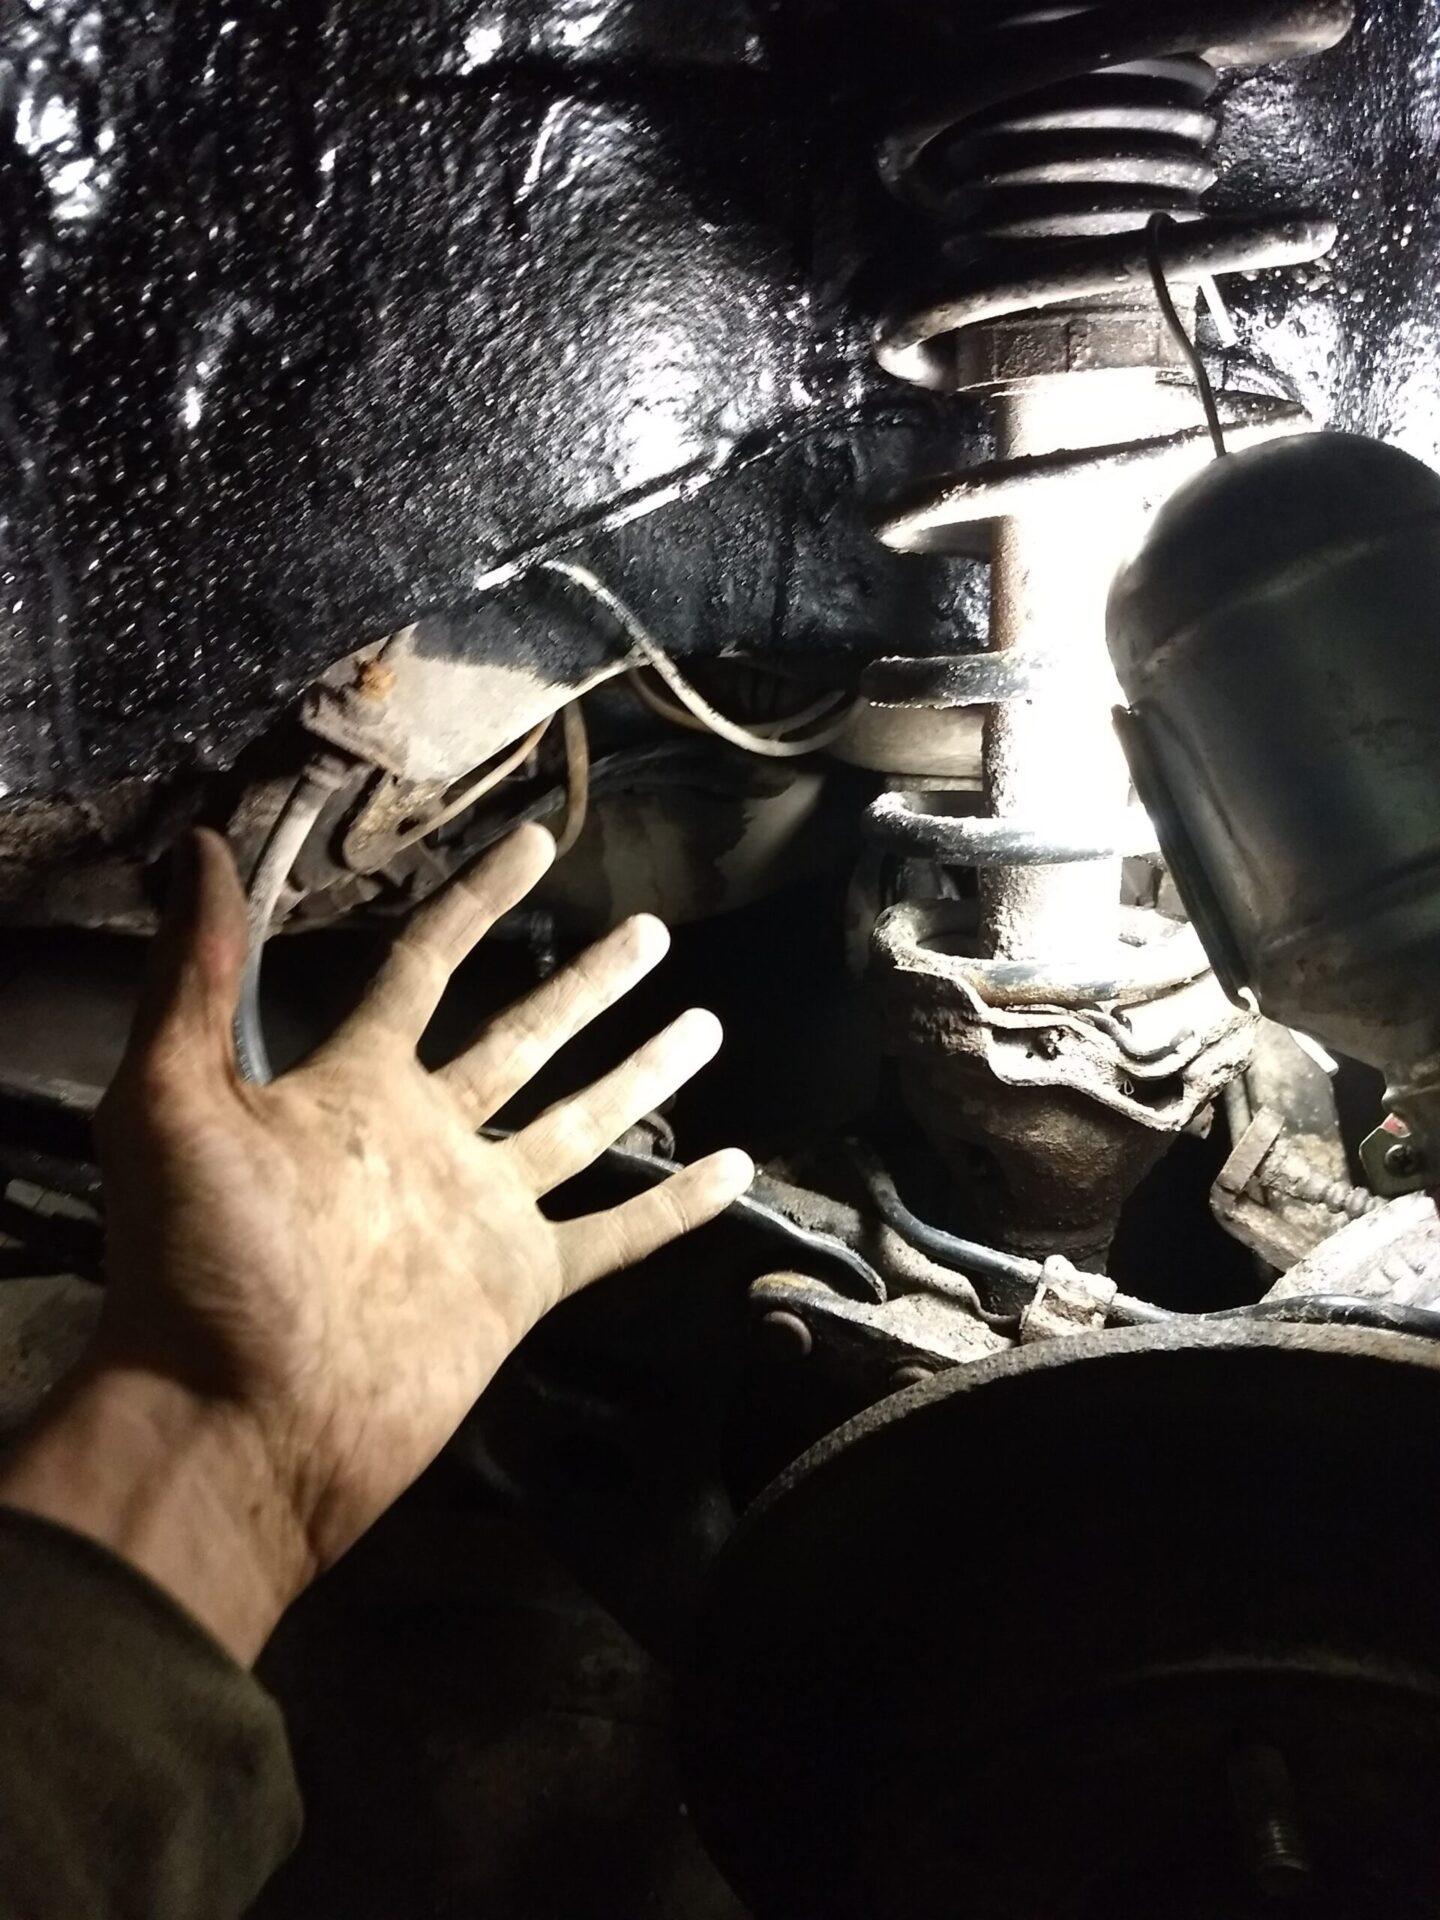 Автостат: Дилерские центры заработали на техобслуживании и ремонте машин на 2,2% меньше